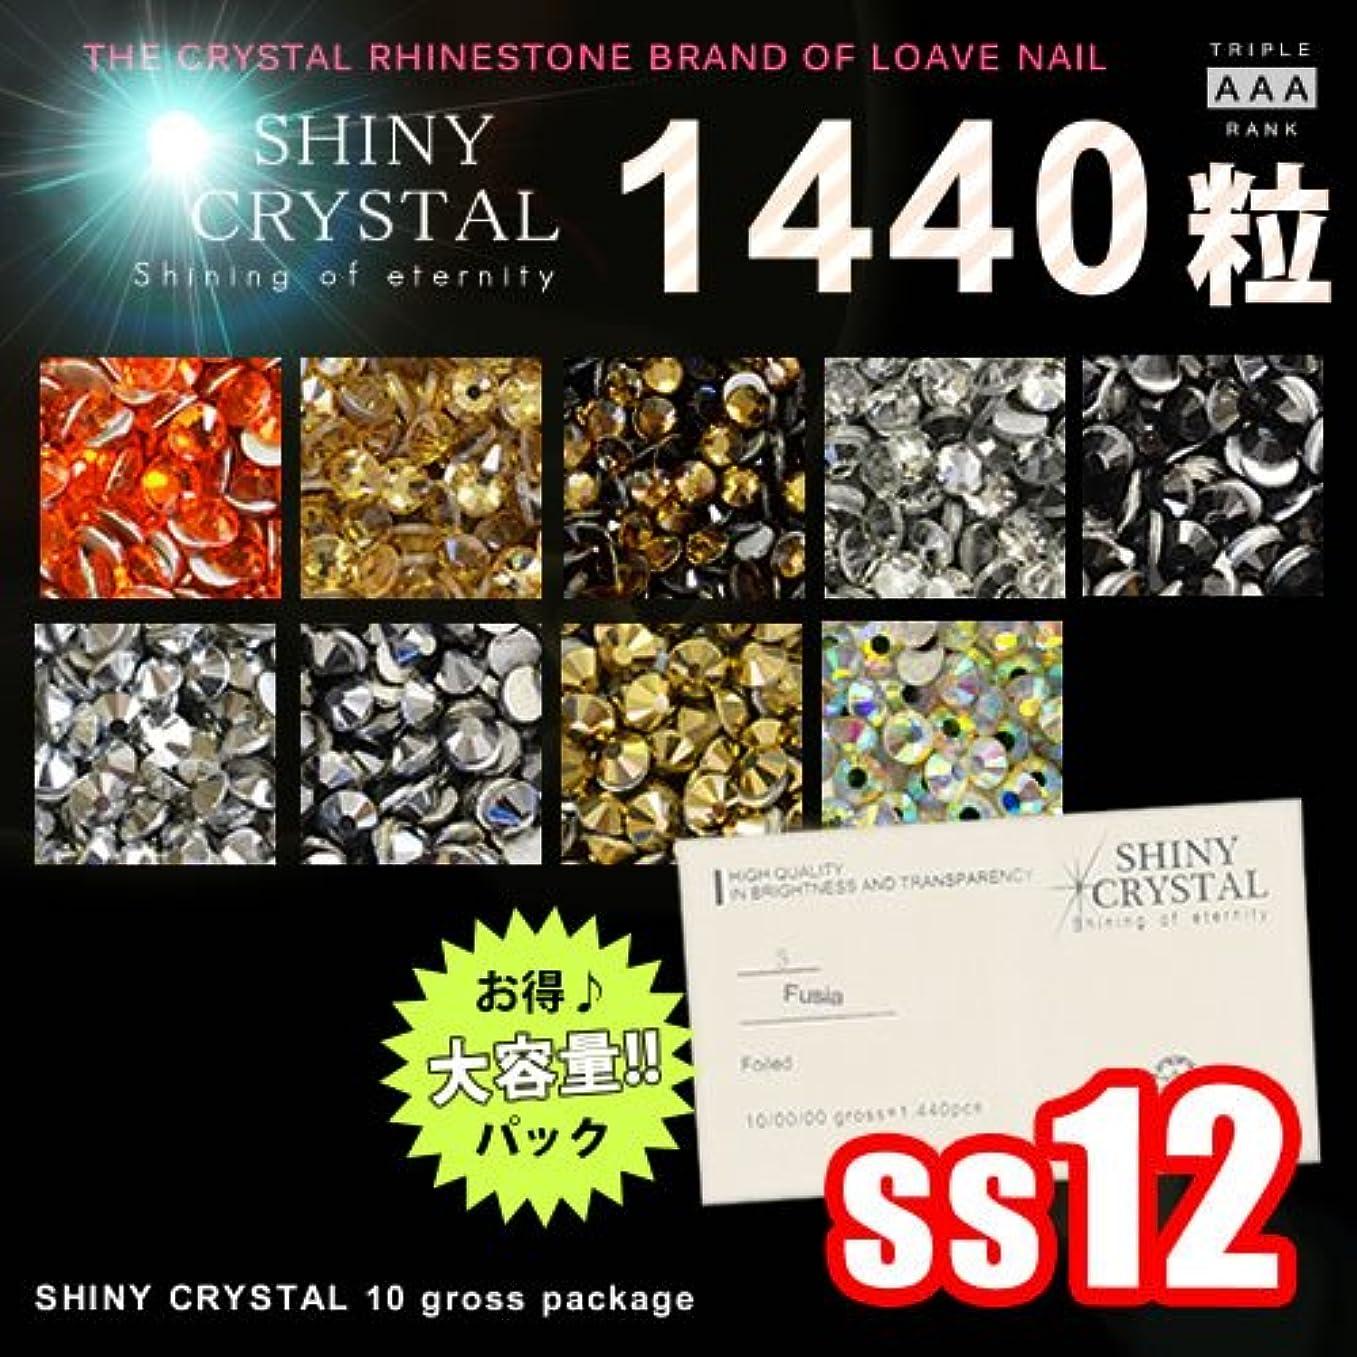 音声悪質な一般化するシャイニークリスタル(SHINY CRYSTAL)「 27、ジェットへマタイト 」「ss12」【1440粒/グロスパッケージ】